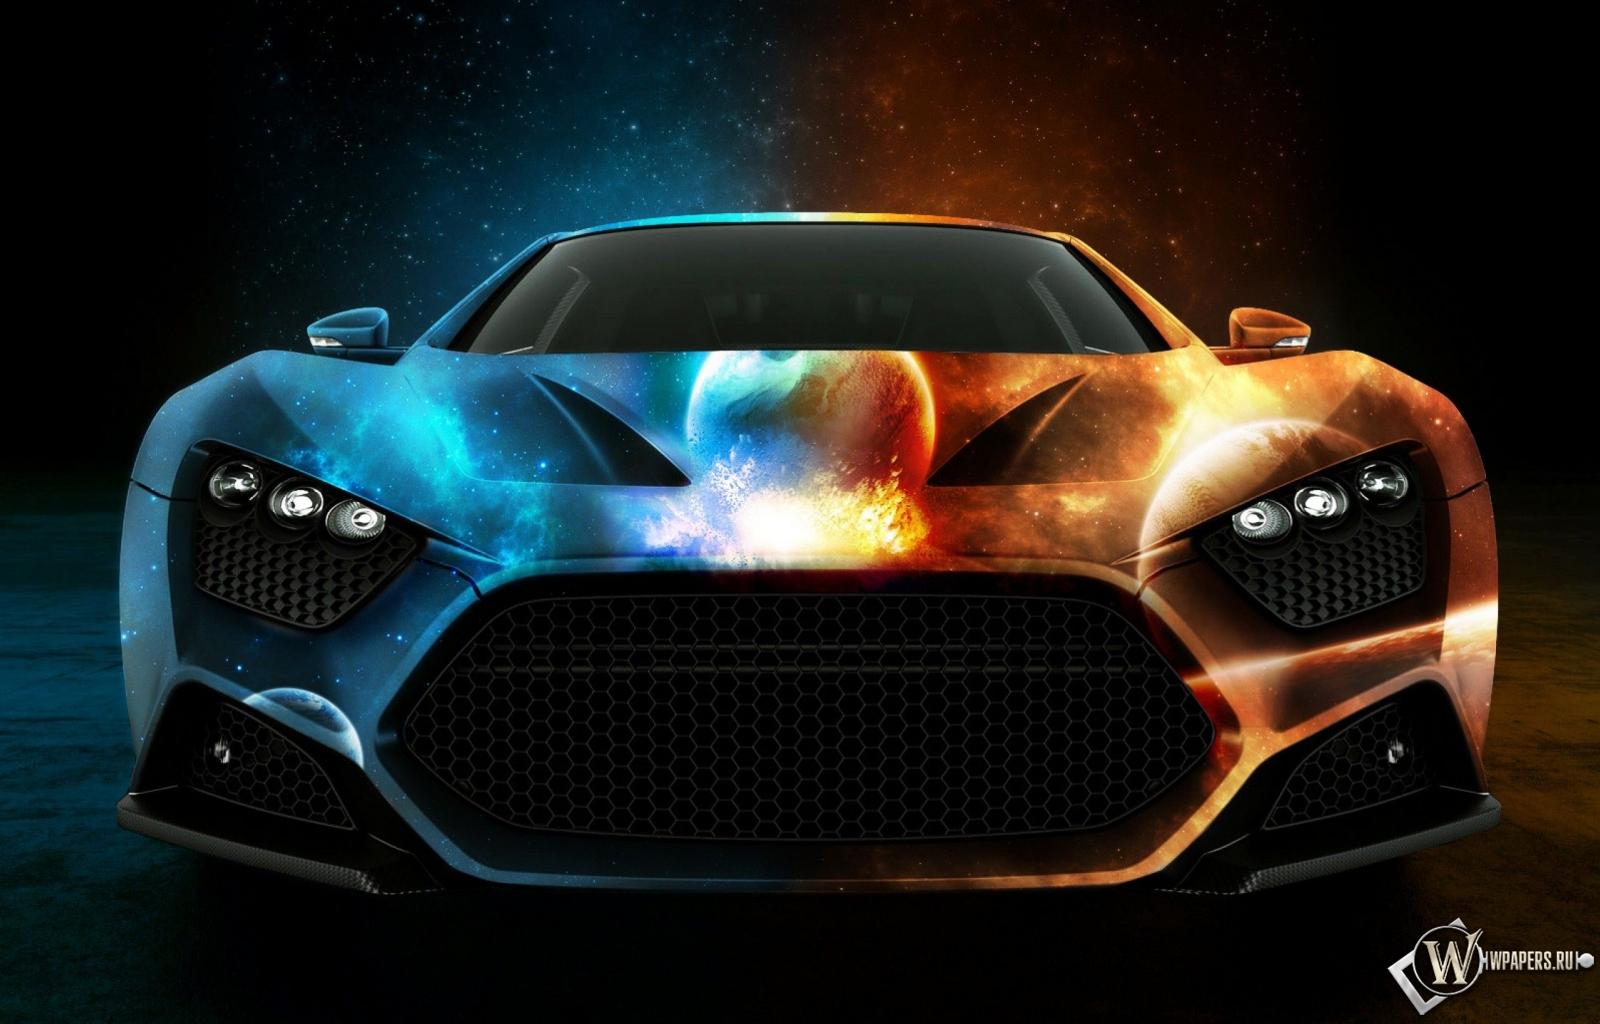 Машина двух миров 1600x1024